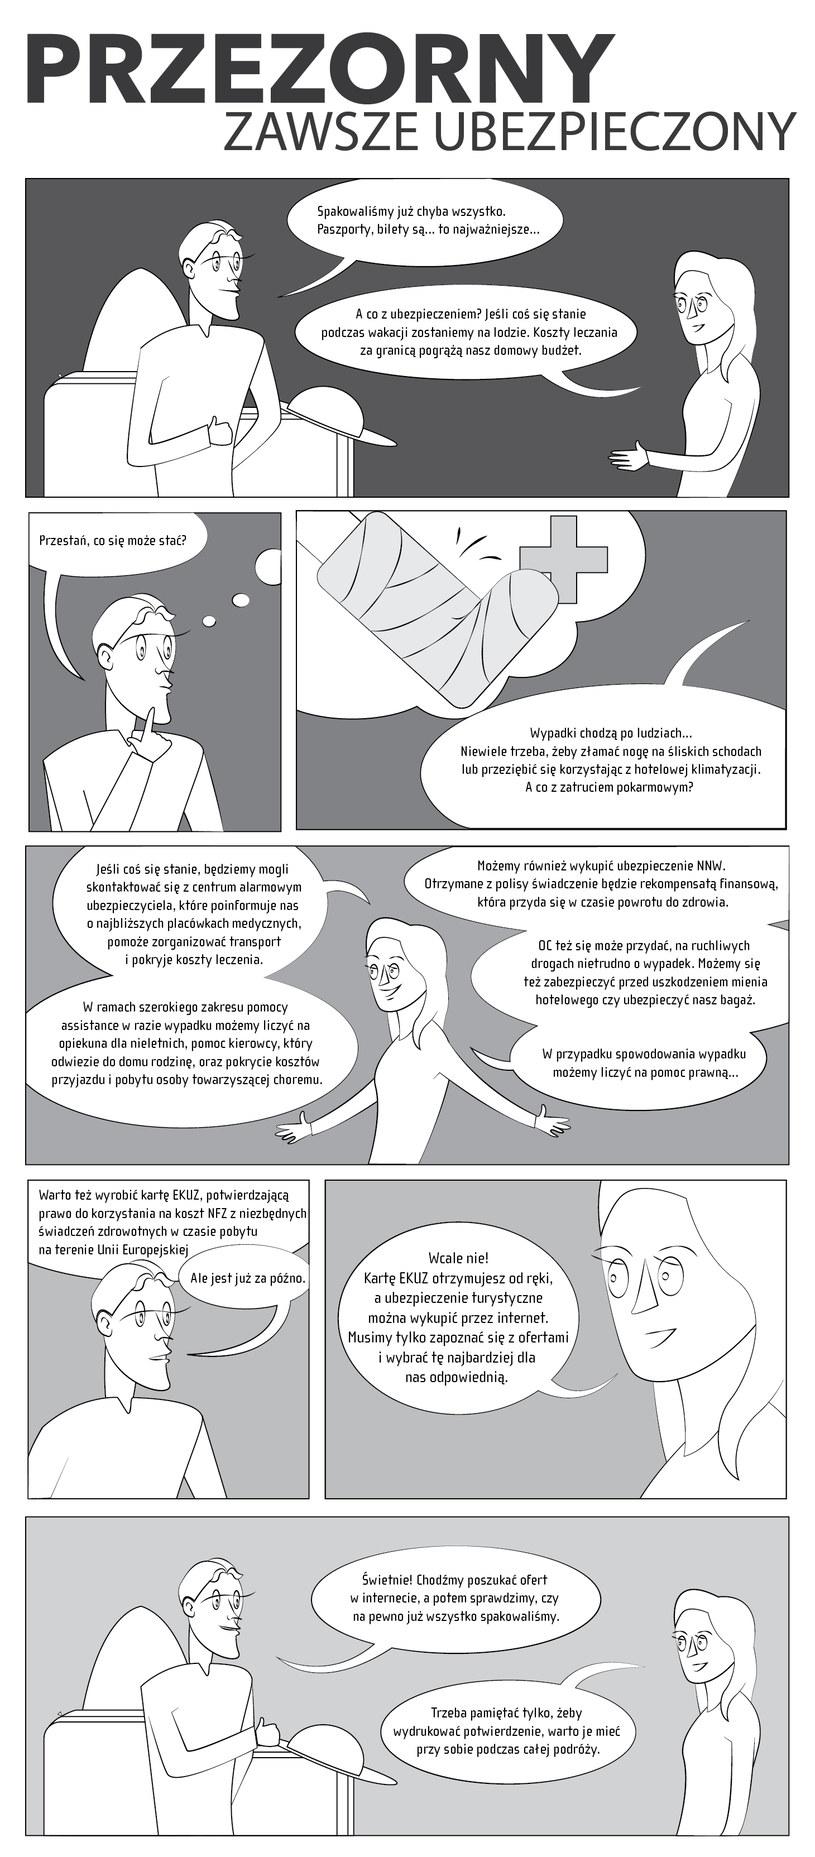 Przezorny zawsze ubezpieczony (komiks) /Barbara Kosakowska /INTERIA.PL